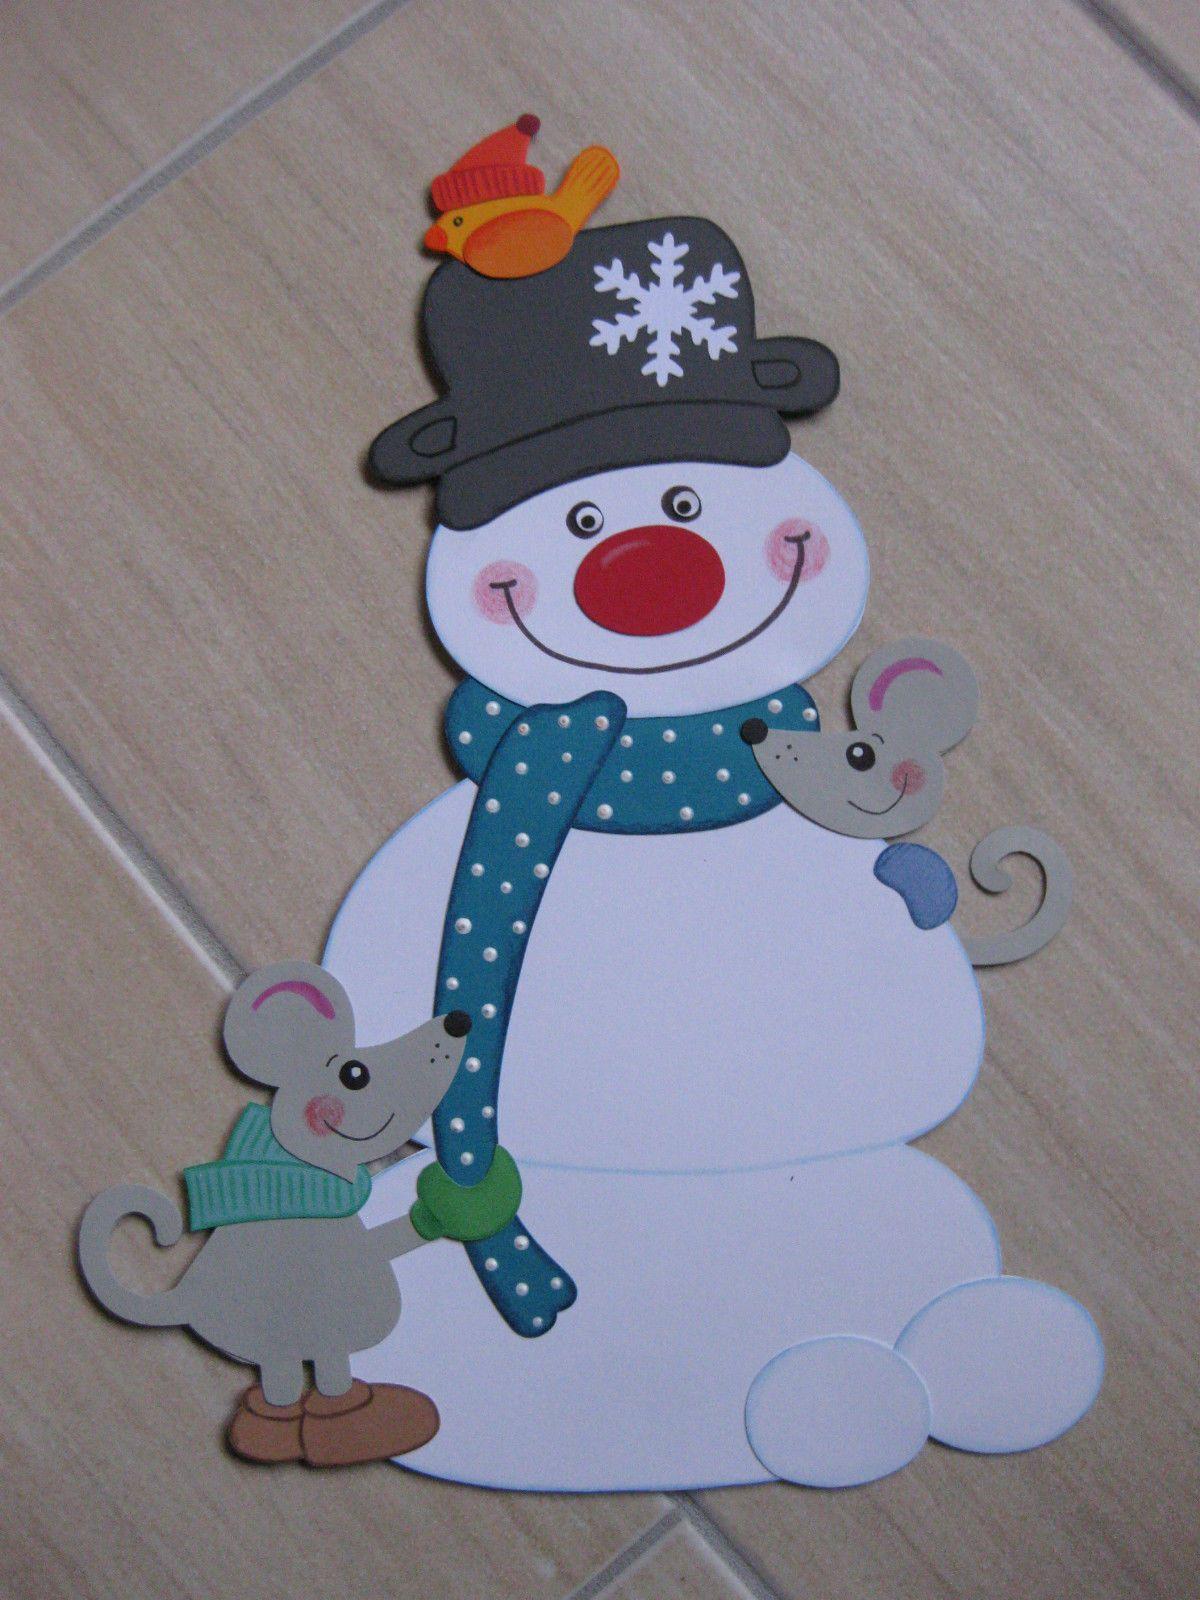 Fensterbild Tonkarton Schneemann Xl 30 5 X 21 Cm Neu Eierkarton Basteln Weihnachten Bastelvorlagen Weihnachten Ausdrucken Schneemanner Basteln Fenster